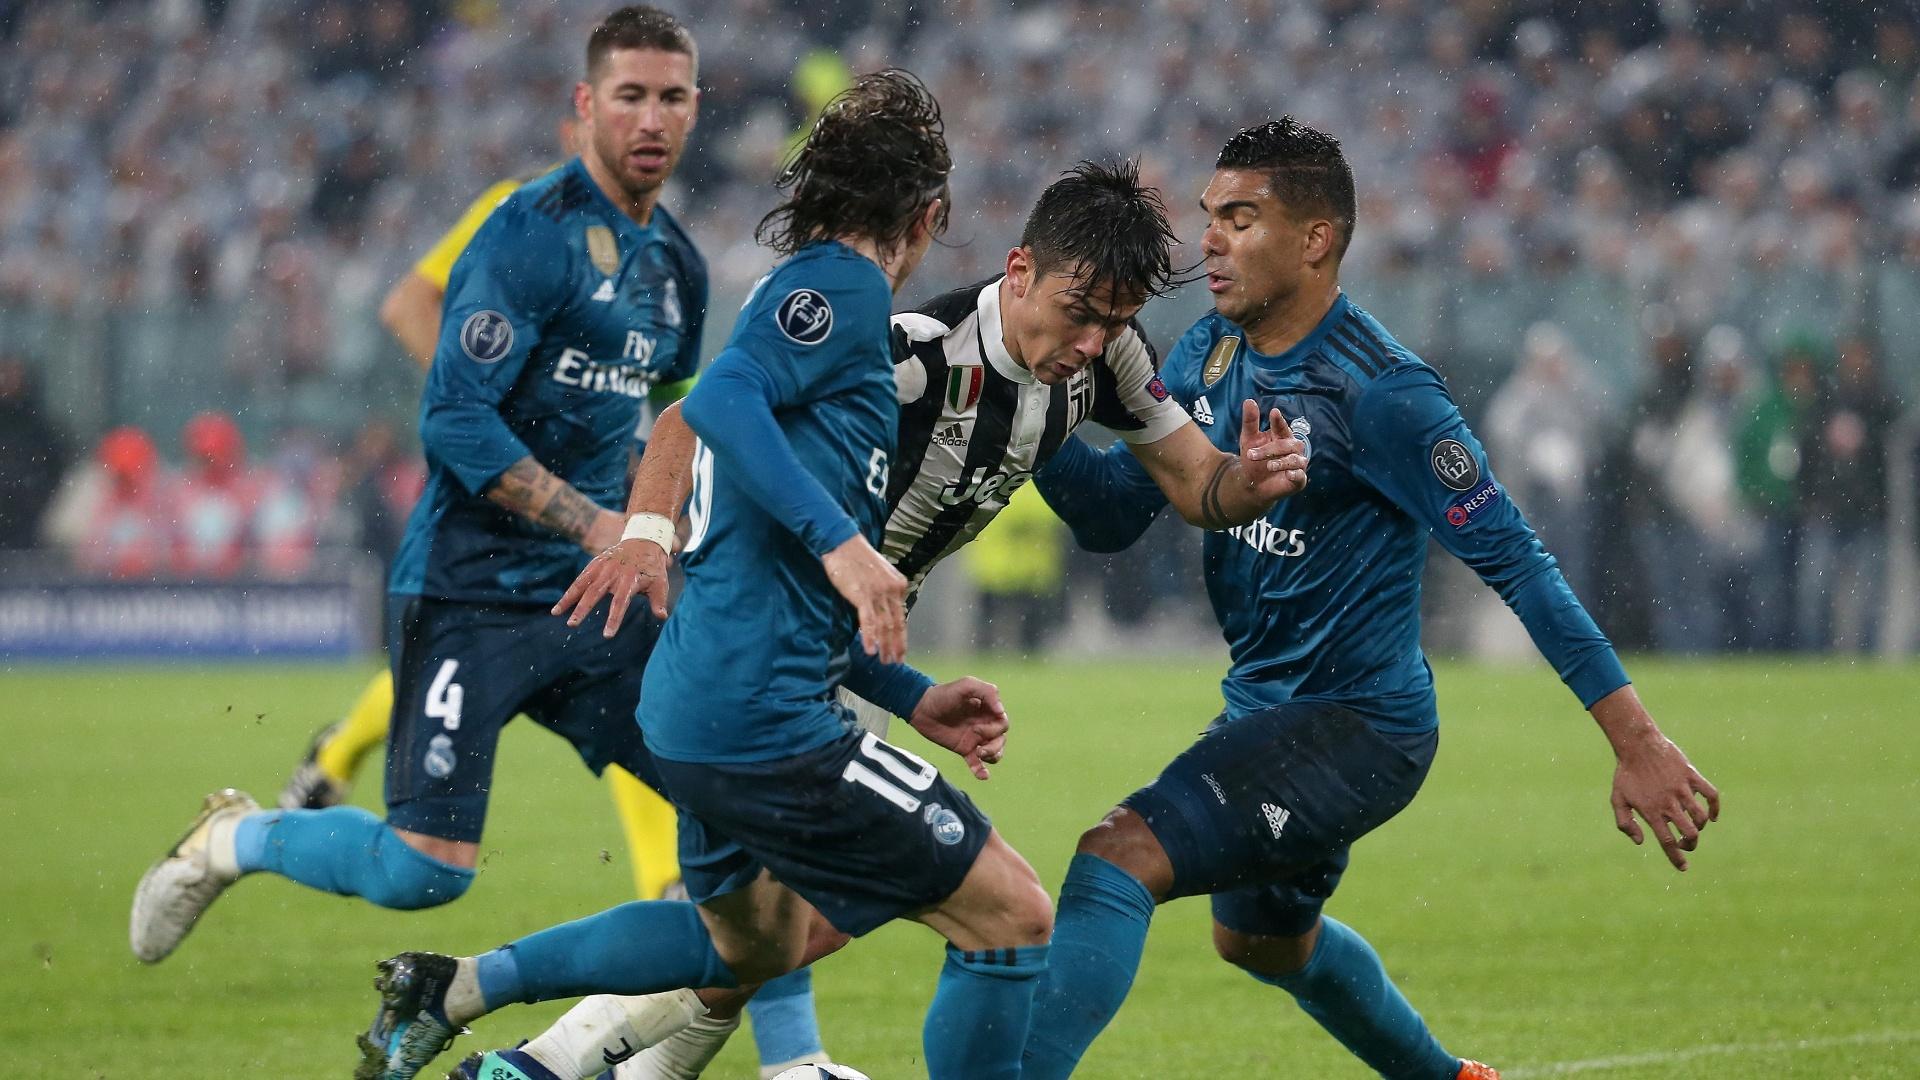 Dybala tenta passar pela marcação dupla de Casemiro e Modric no jogo entre Juventus e Real Madrid